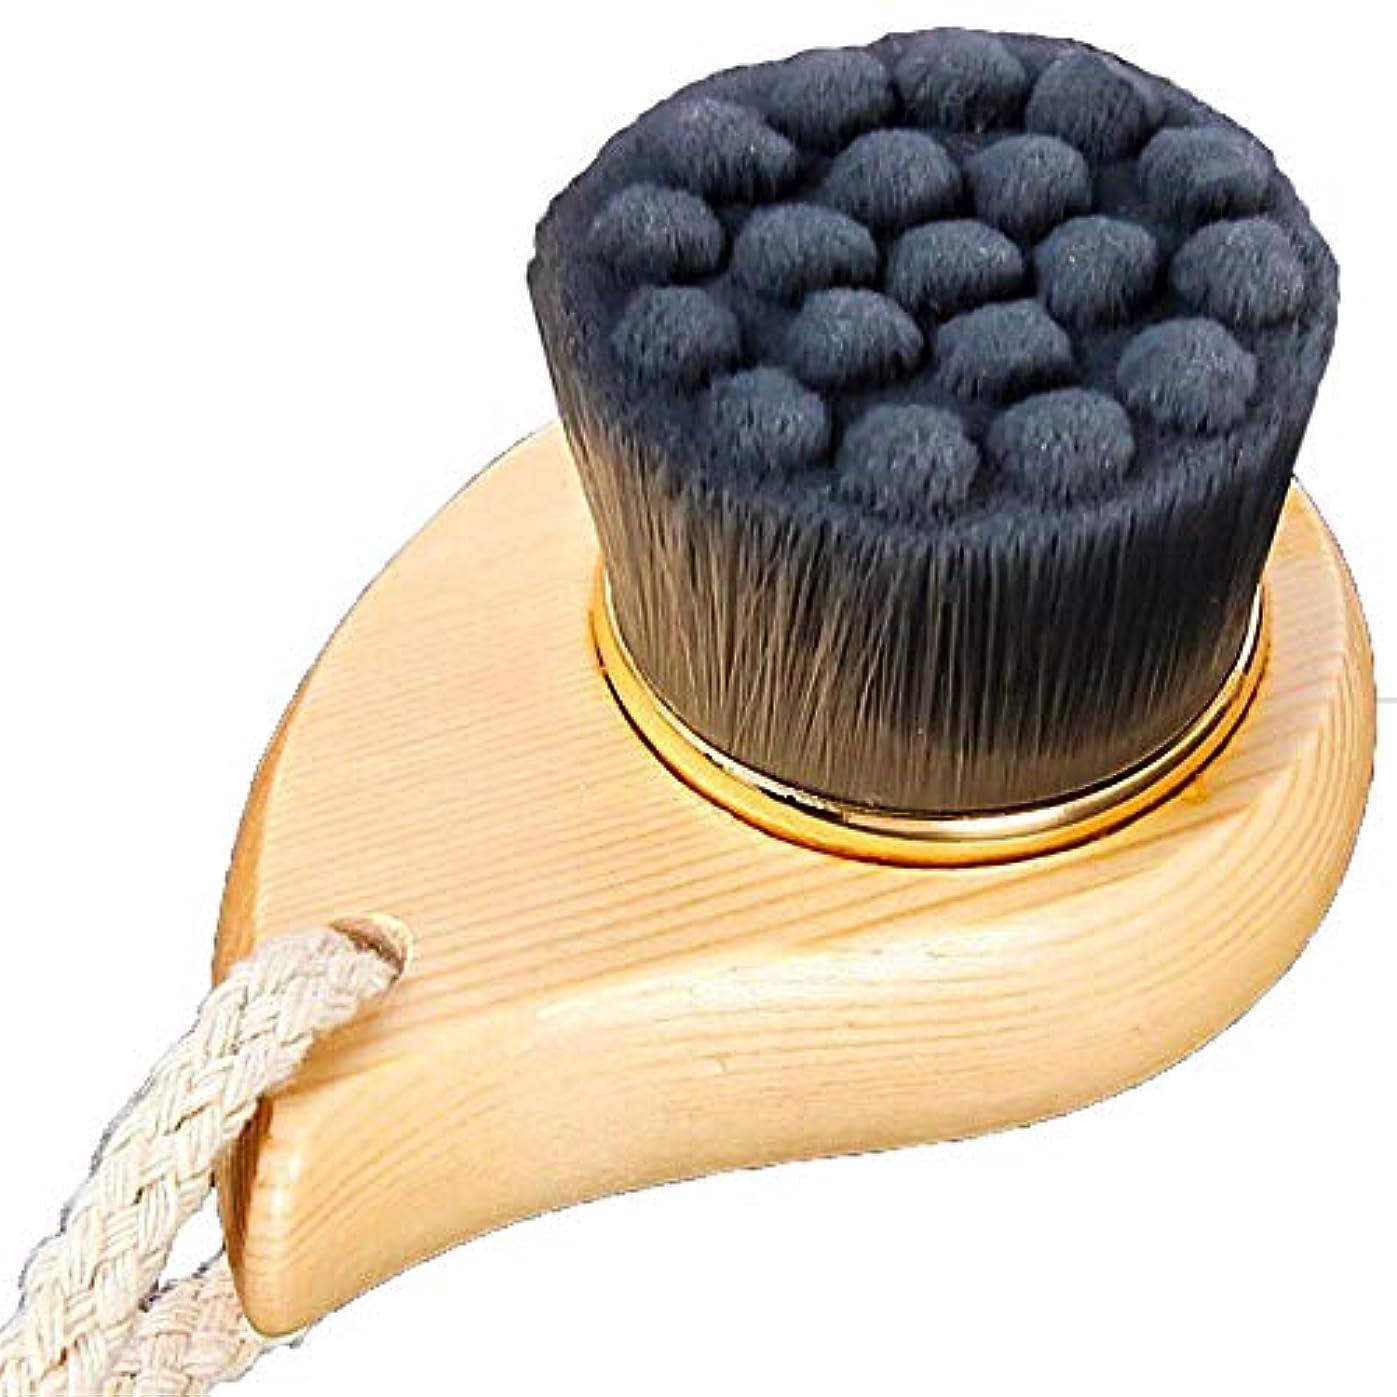 三角テザーゆでる洗顔ブラシ 深い毛穴のための柔らかい剛毛の表面クリーニングの美のブラシの清潔になることの美顔術のブラシ ディープクレンジングスキンケア用